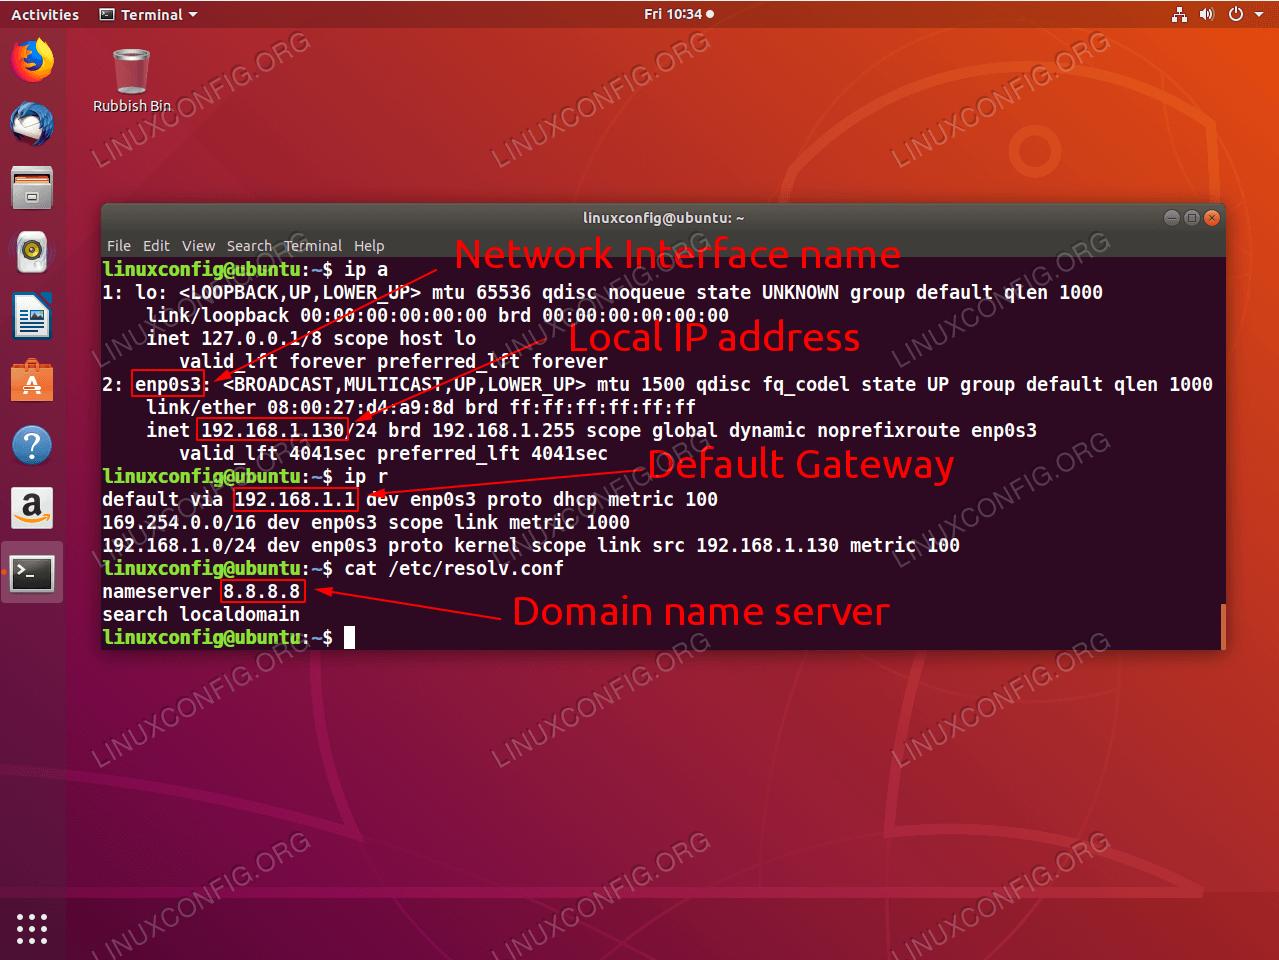 Linux-Befehle zum Abrufen der grundlegenden Informationen zur Netzwerkkonfiguration.